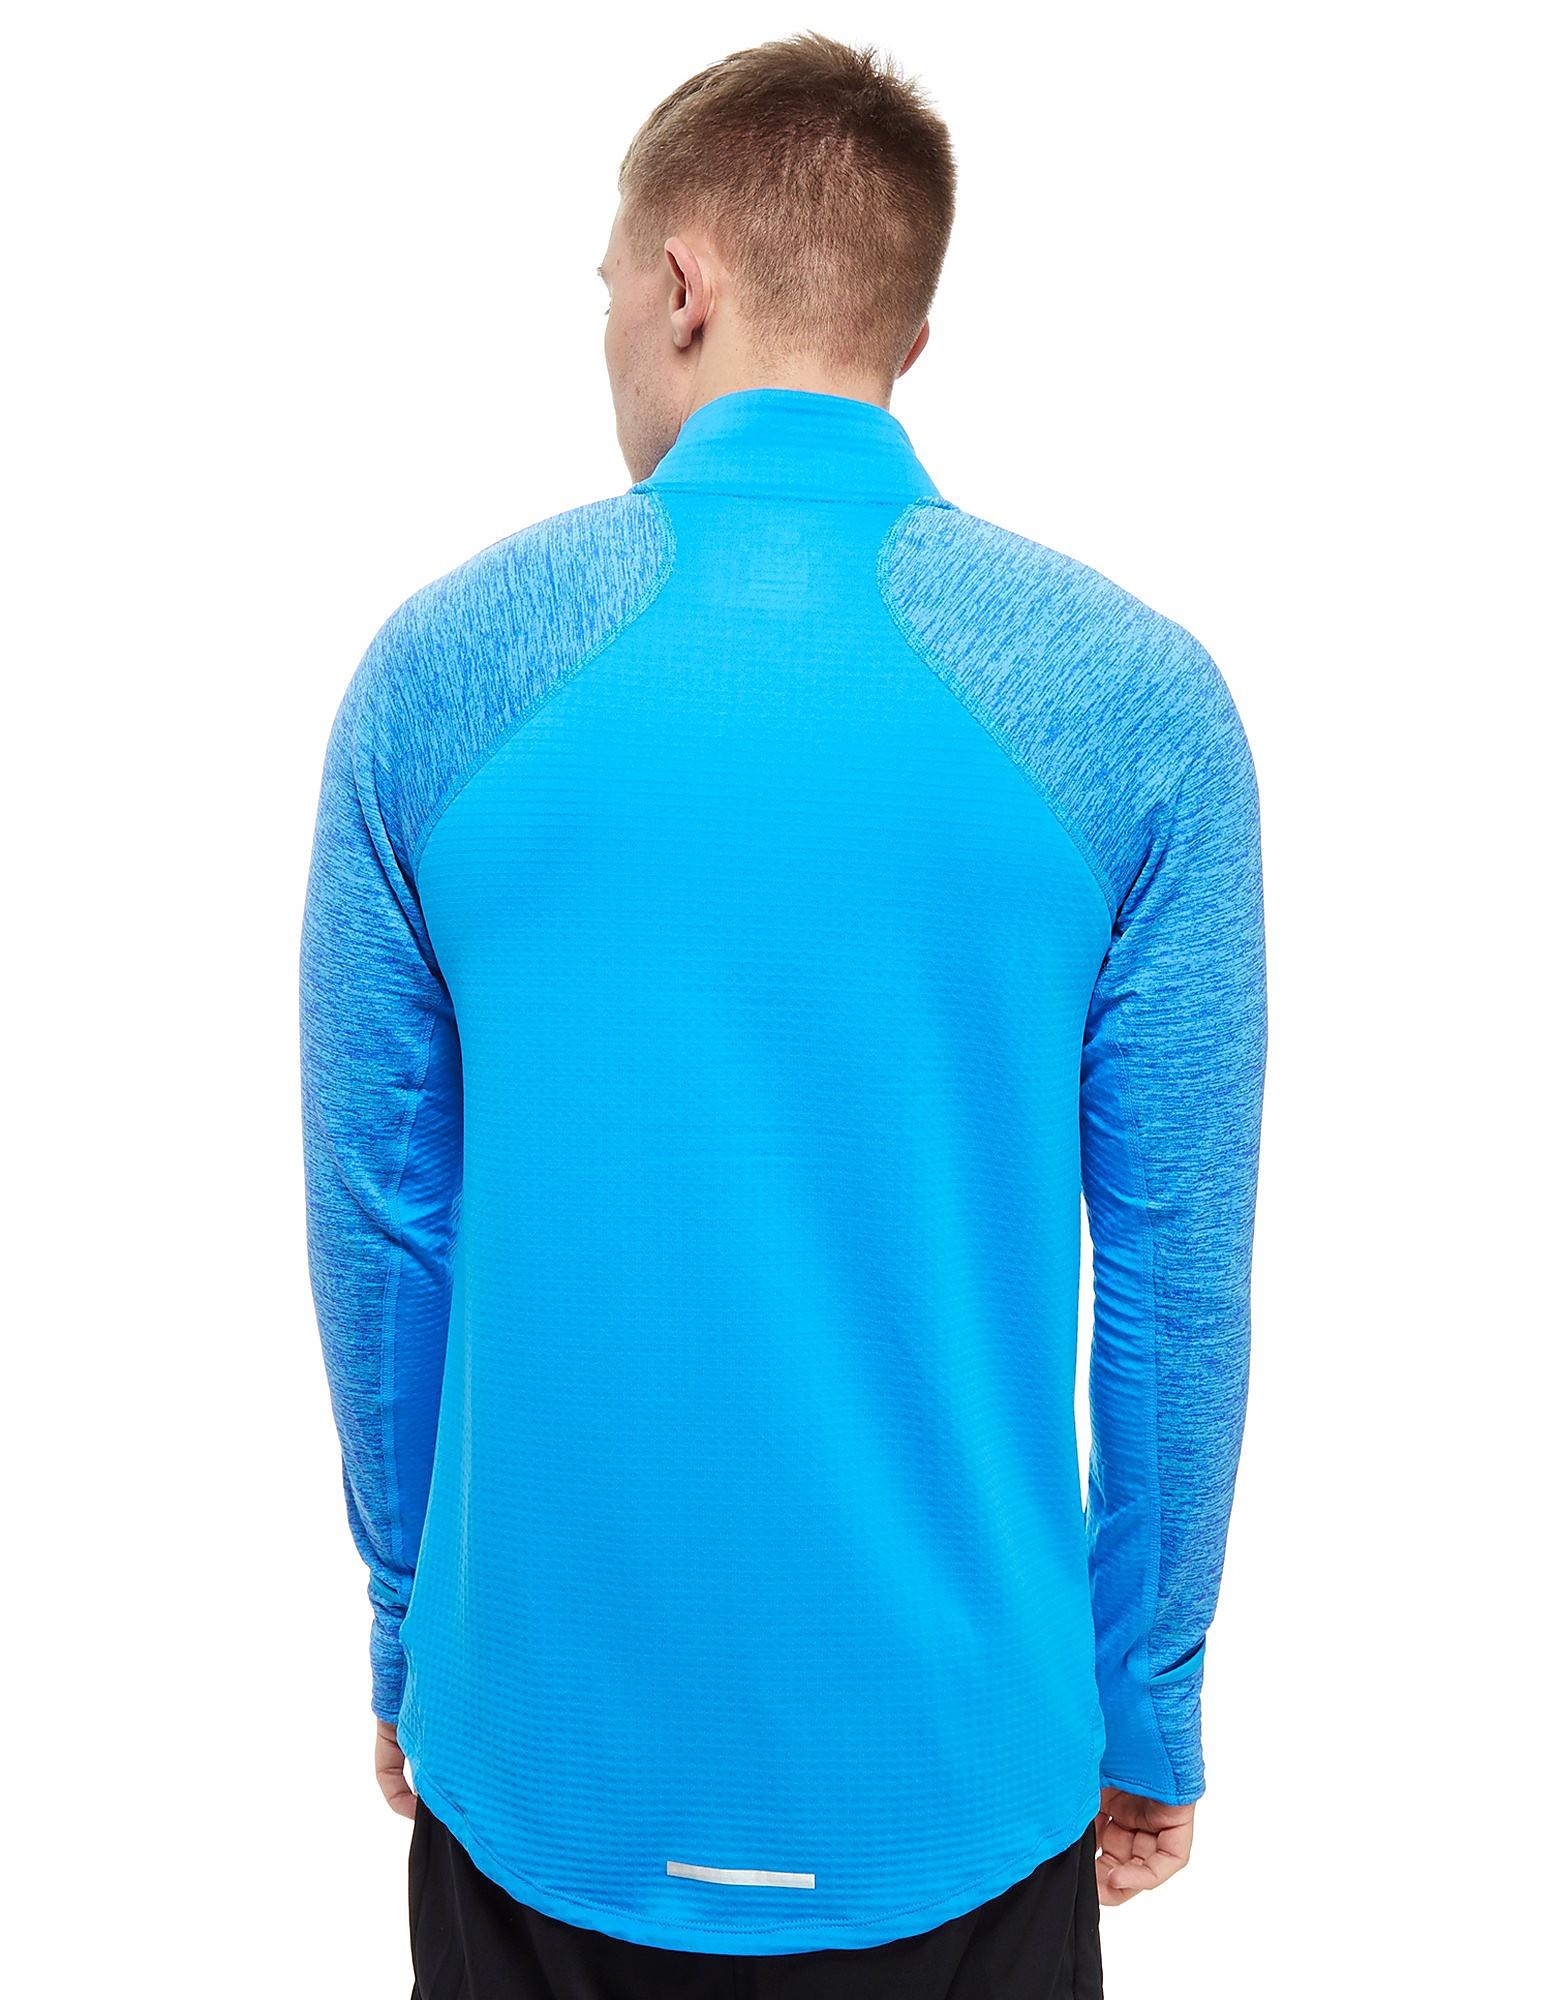 Nike Sphere Element Long Sleeve Running Top